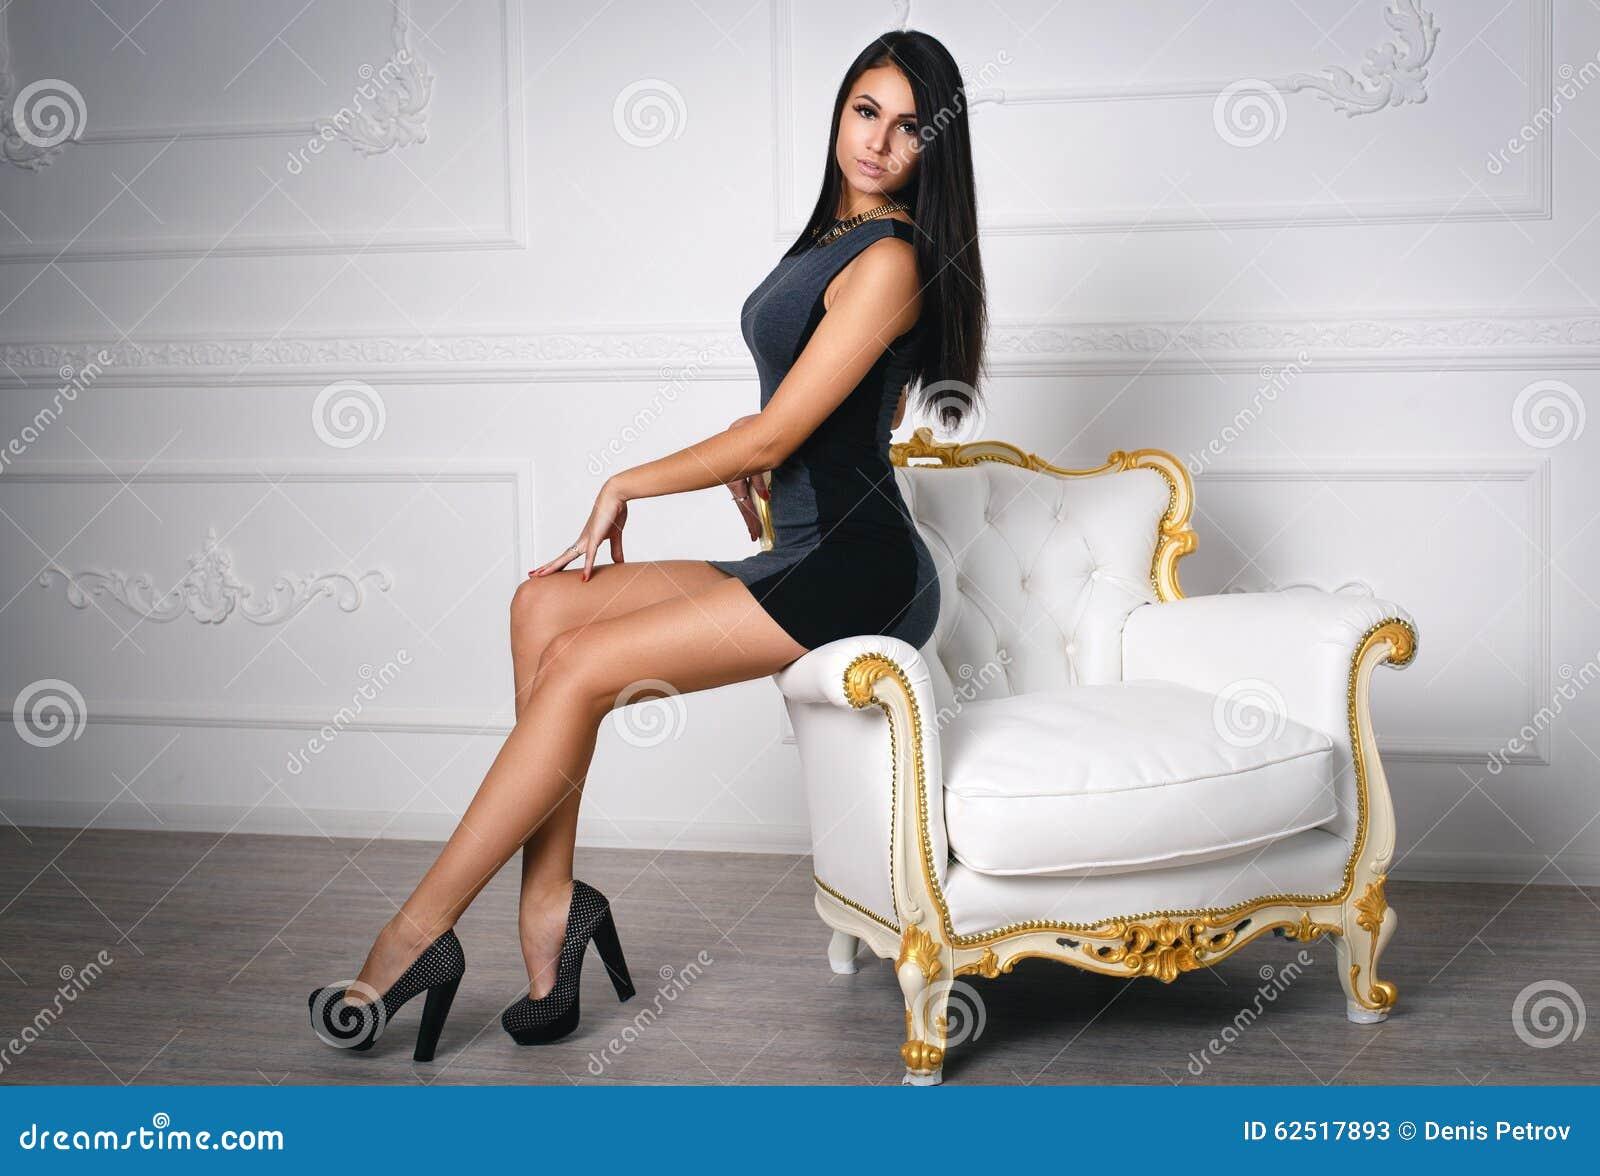 Сексуальная девушка в очень коротком платье